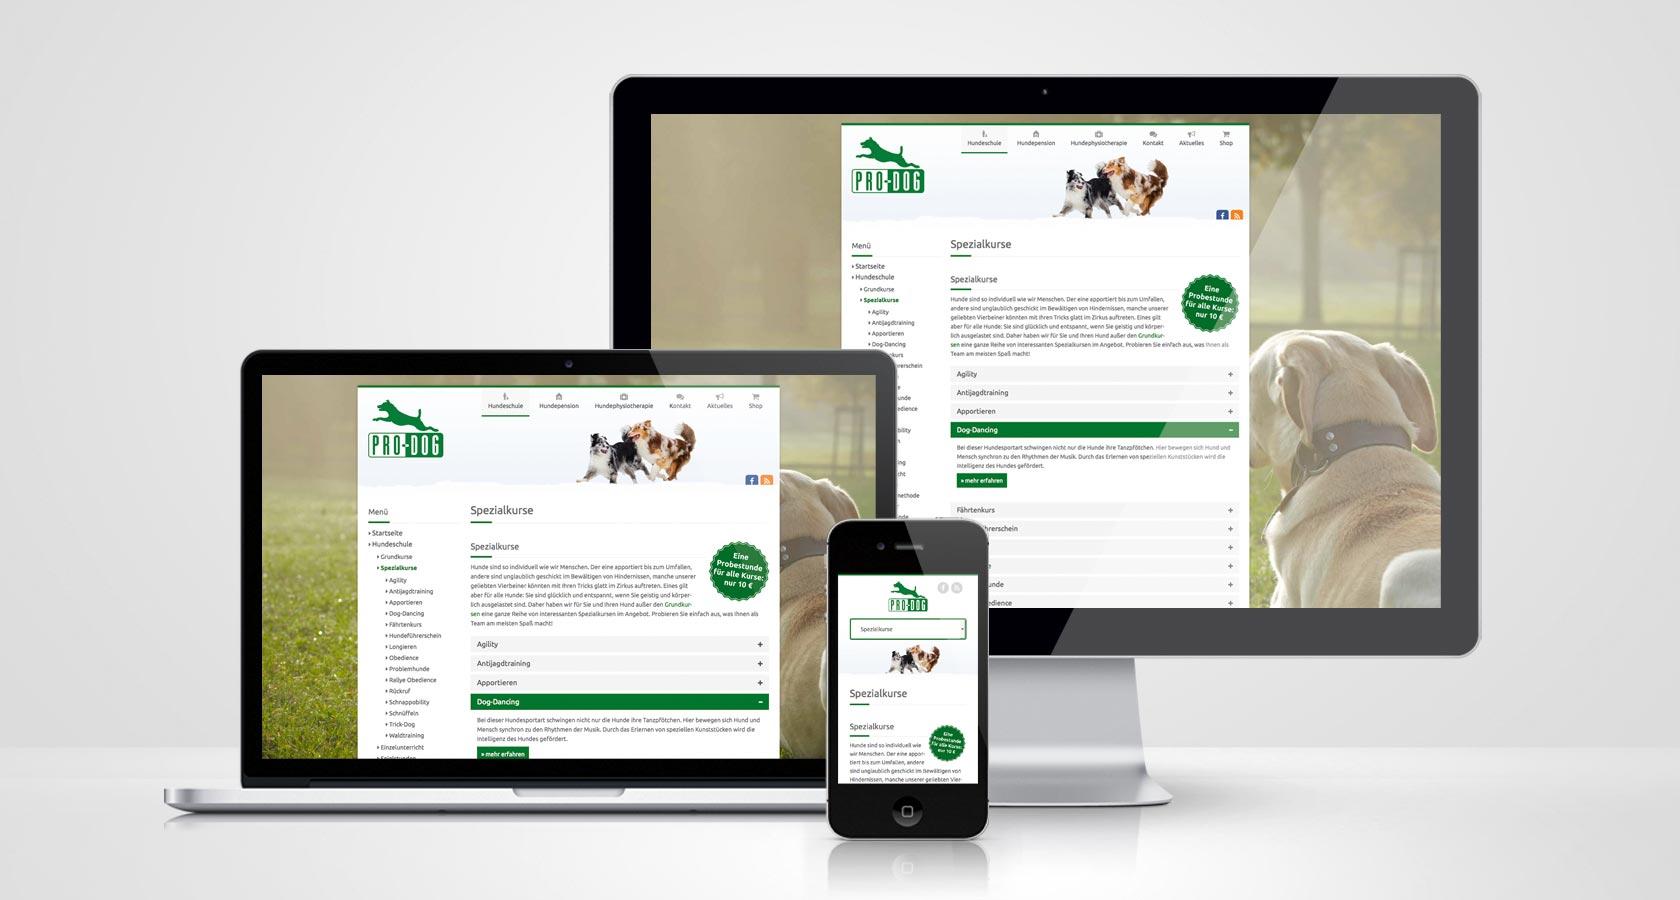 PRO-DOG Webseite Spezialkurse